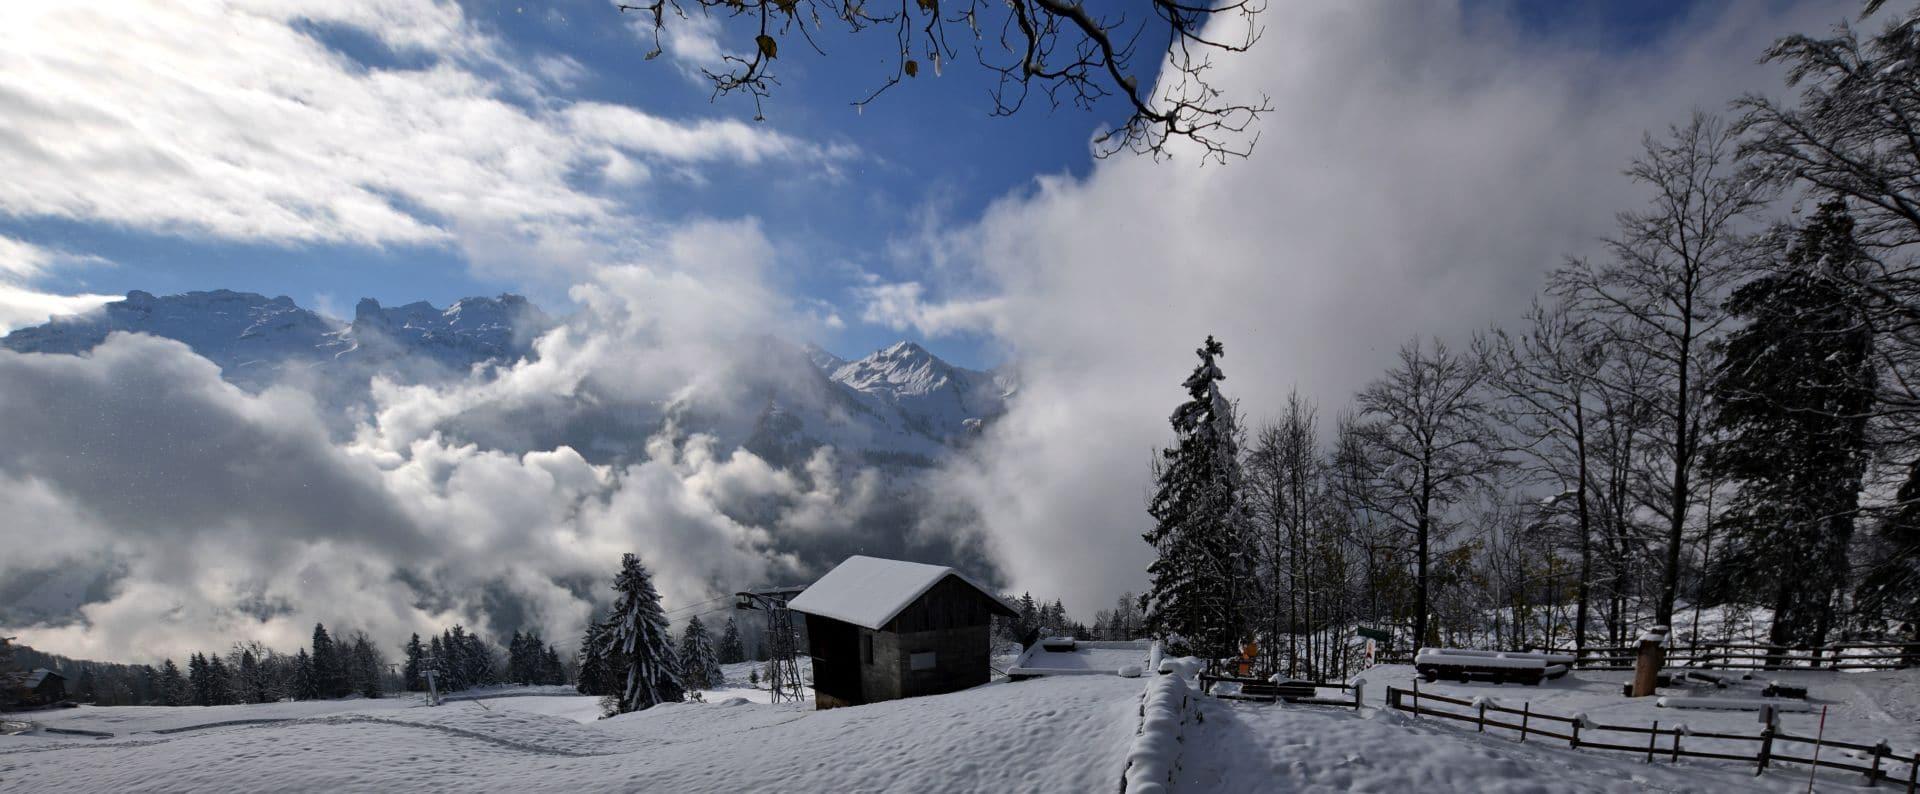 Foto Webcam Winterstimmung Illgau